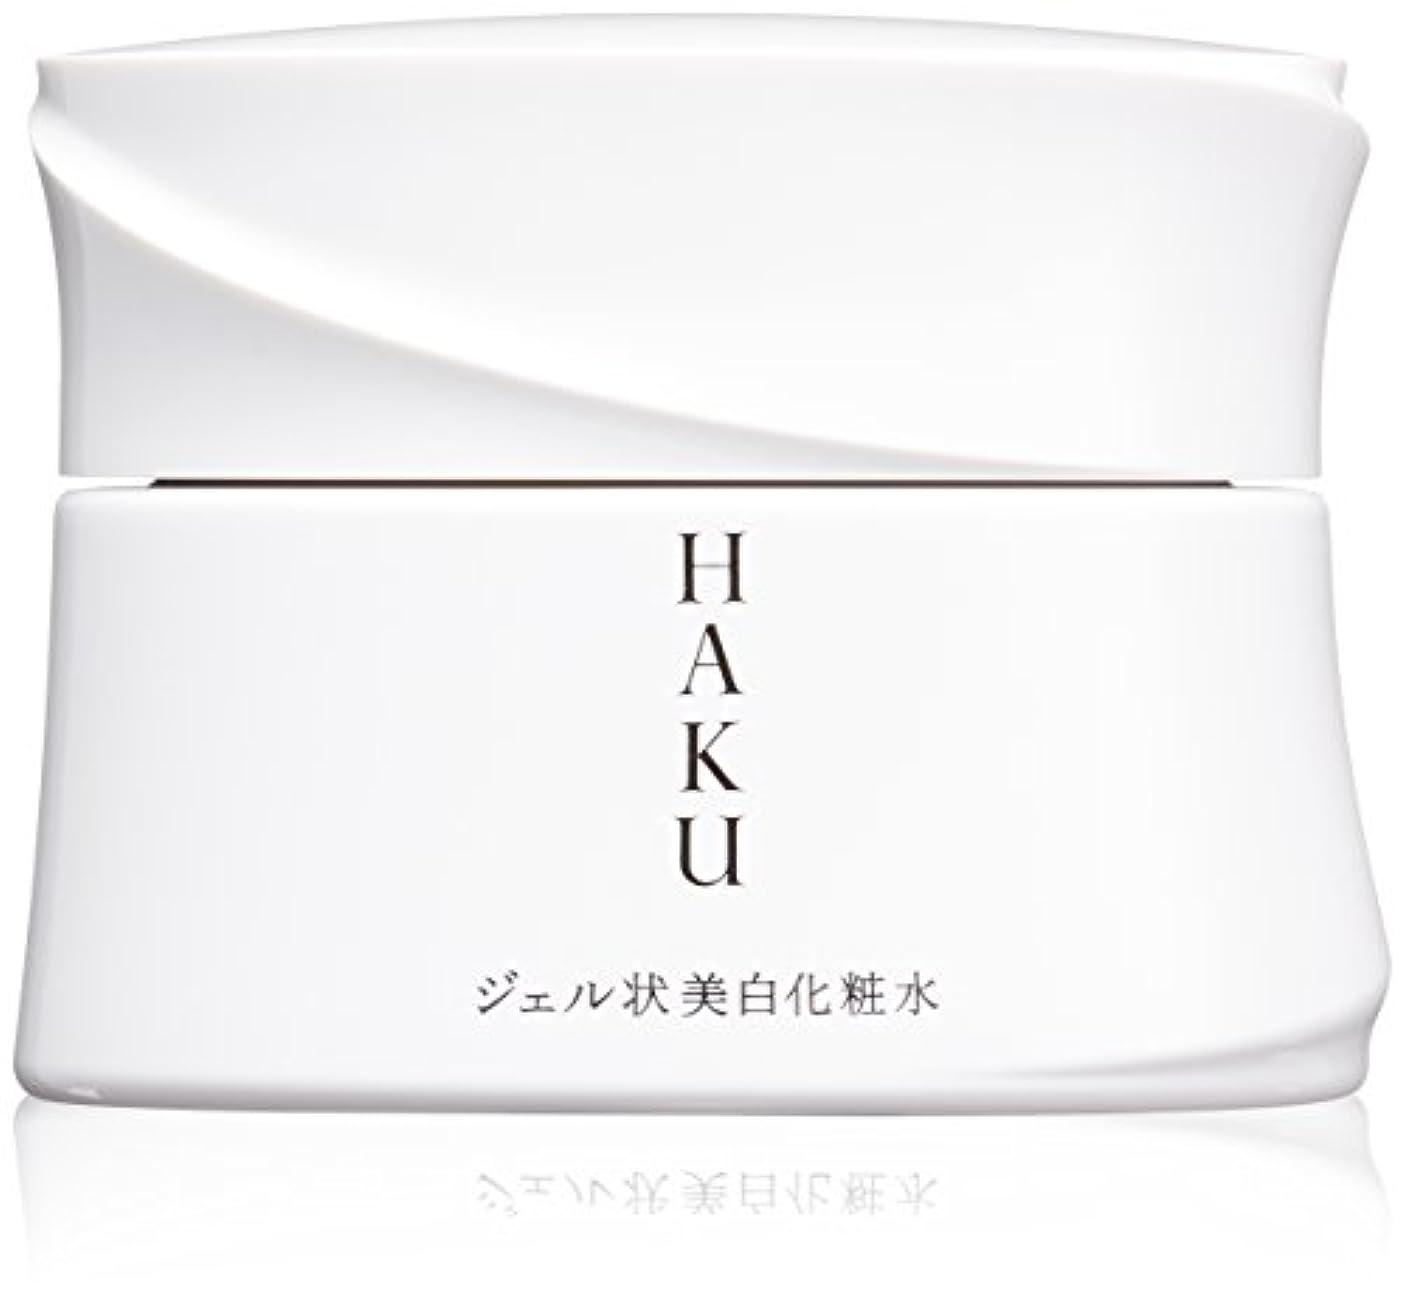 マザーランドベット疲労HAKU メラノディープモイスチャー 美白化粧水 100g 【医薬部外品】